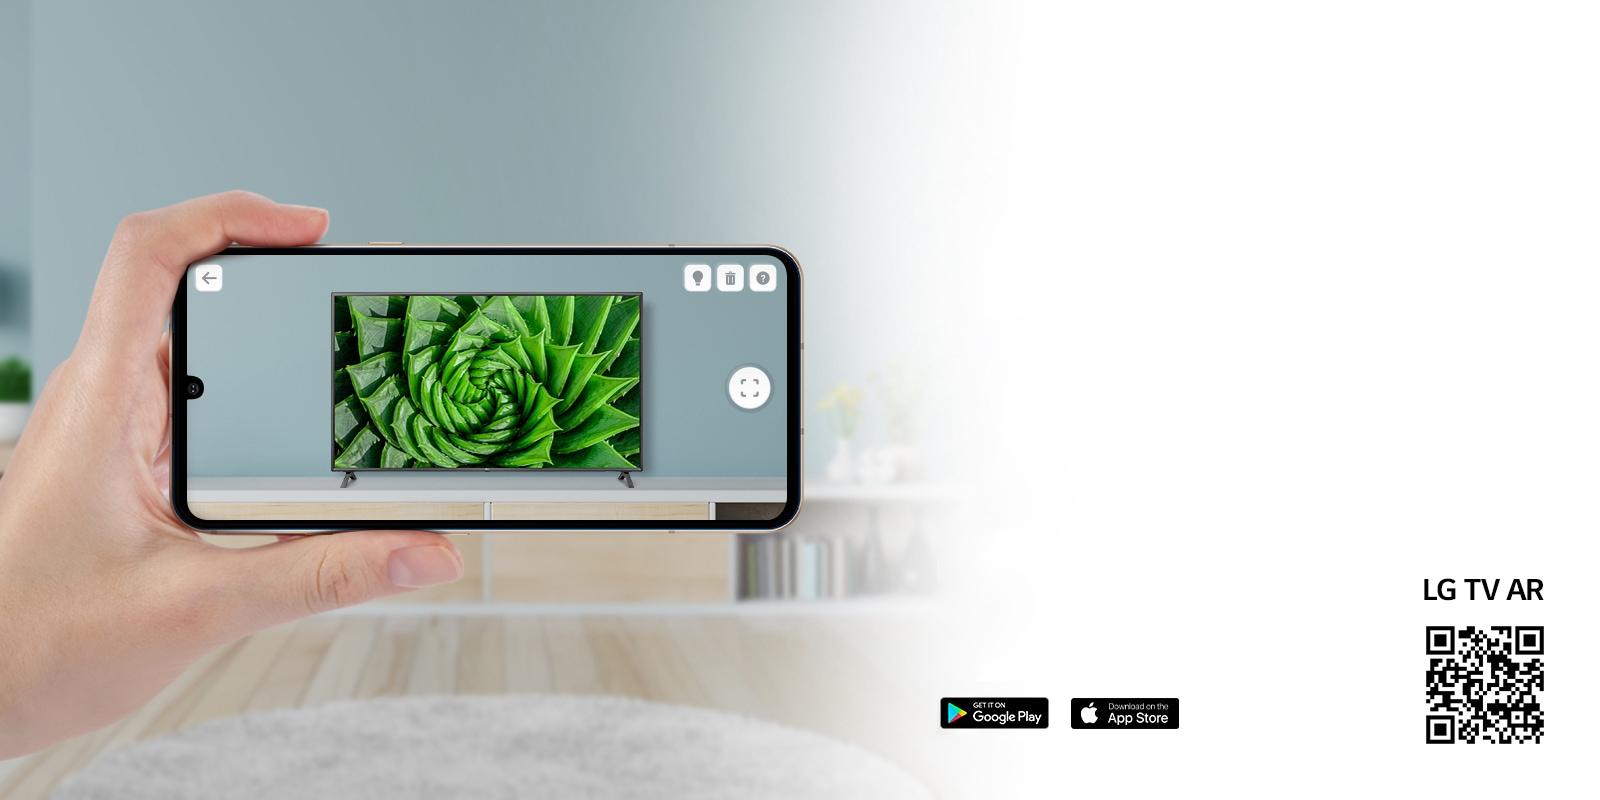 Une personne utilisant l'appli LG TV AR sur un téléphone et un QR code qui dirige vers LG TV AR(http://www.lgtvism.com/lgtvar)